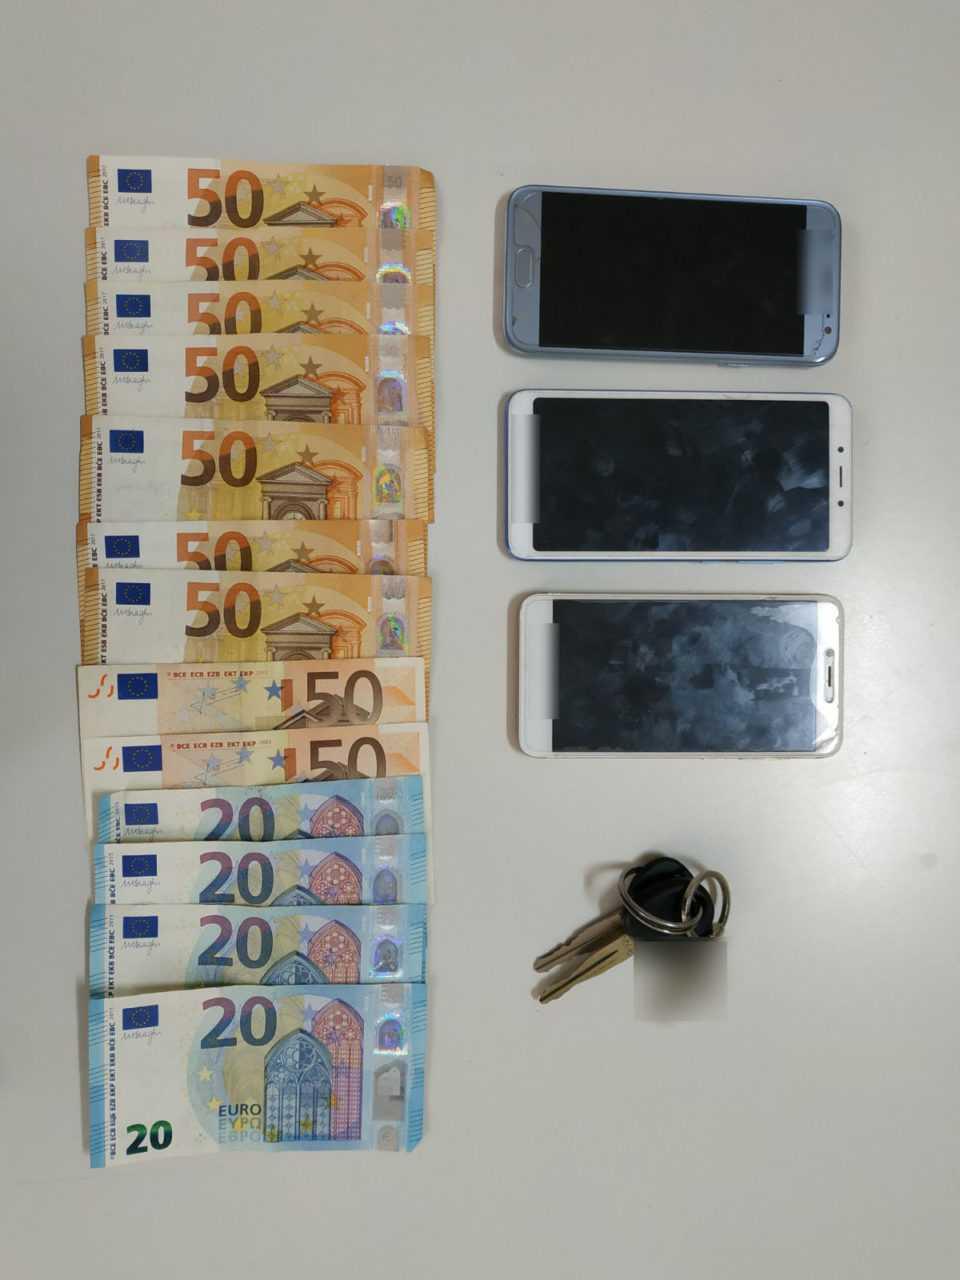 Σύλληψη 2 ατόμων, σε περιοχή της Φλώρινας, για παράνομη μεταφορά αλλοδαπού 1